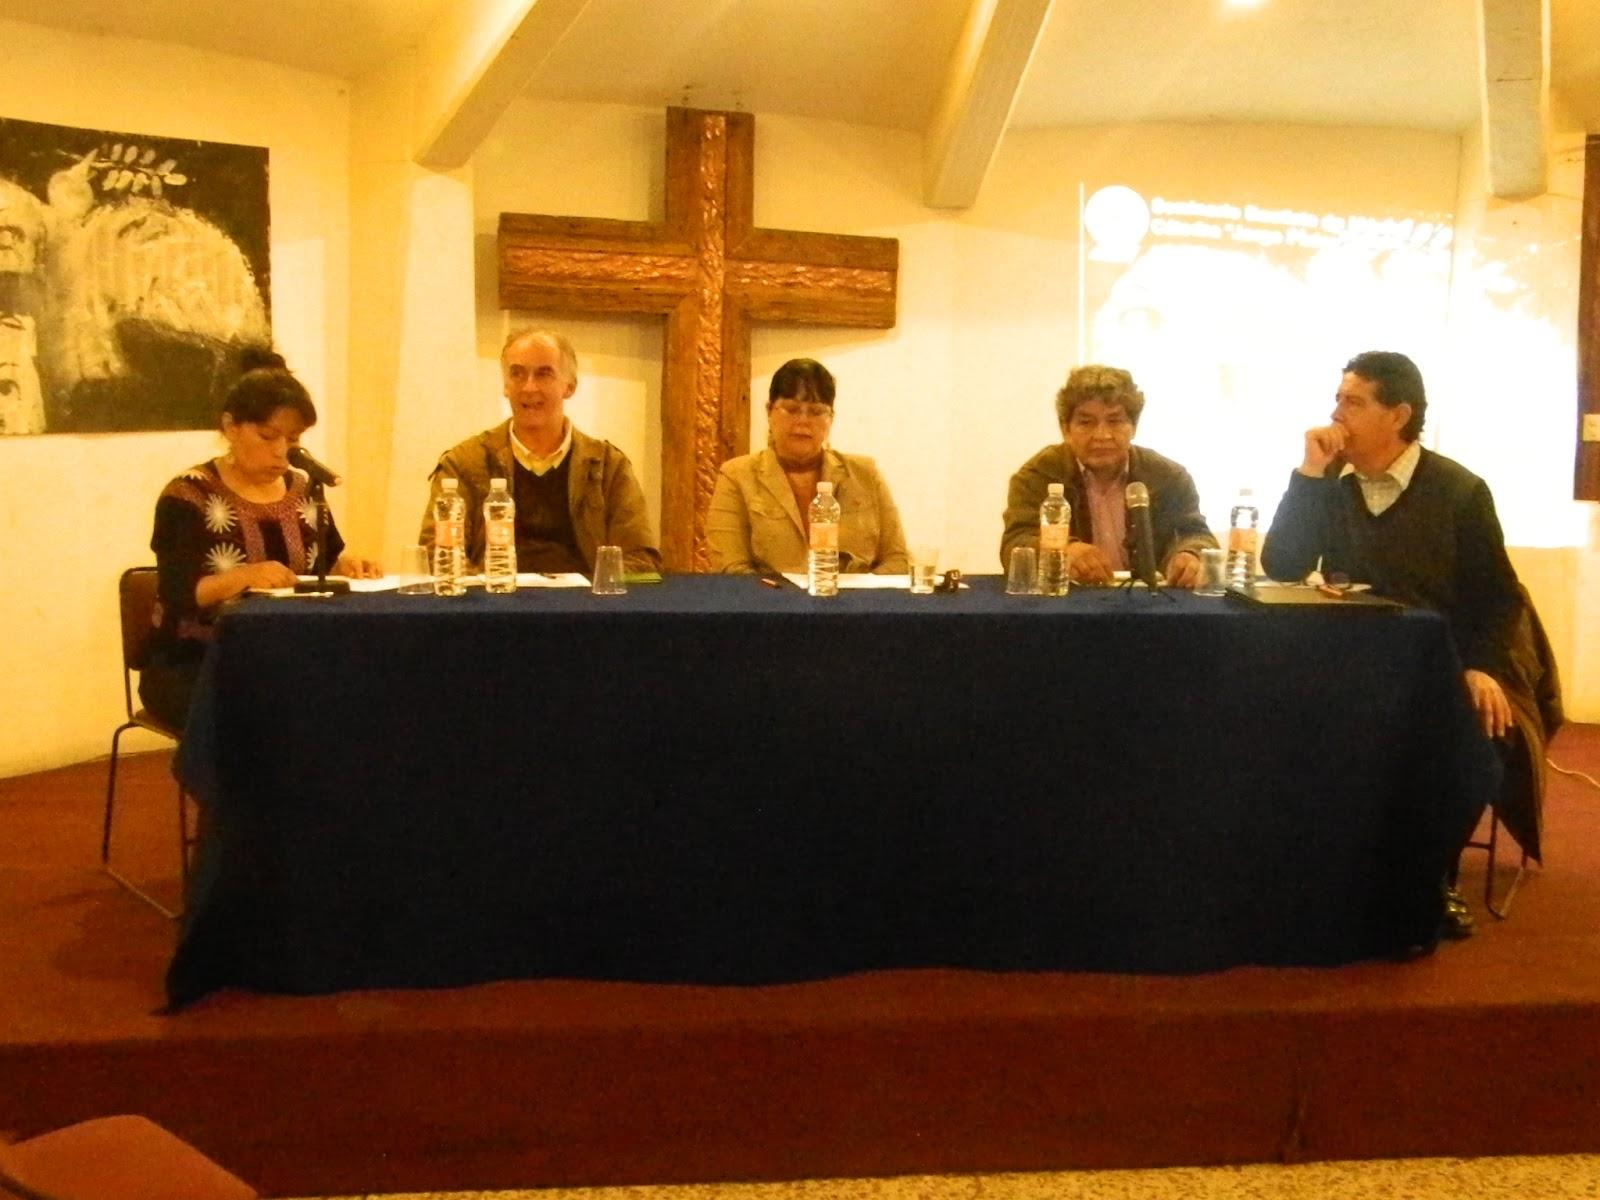 CÁtedra Por La Paz: Iglesias Por La Paz: Catedra Por La Paz Jorge Pixley